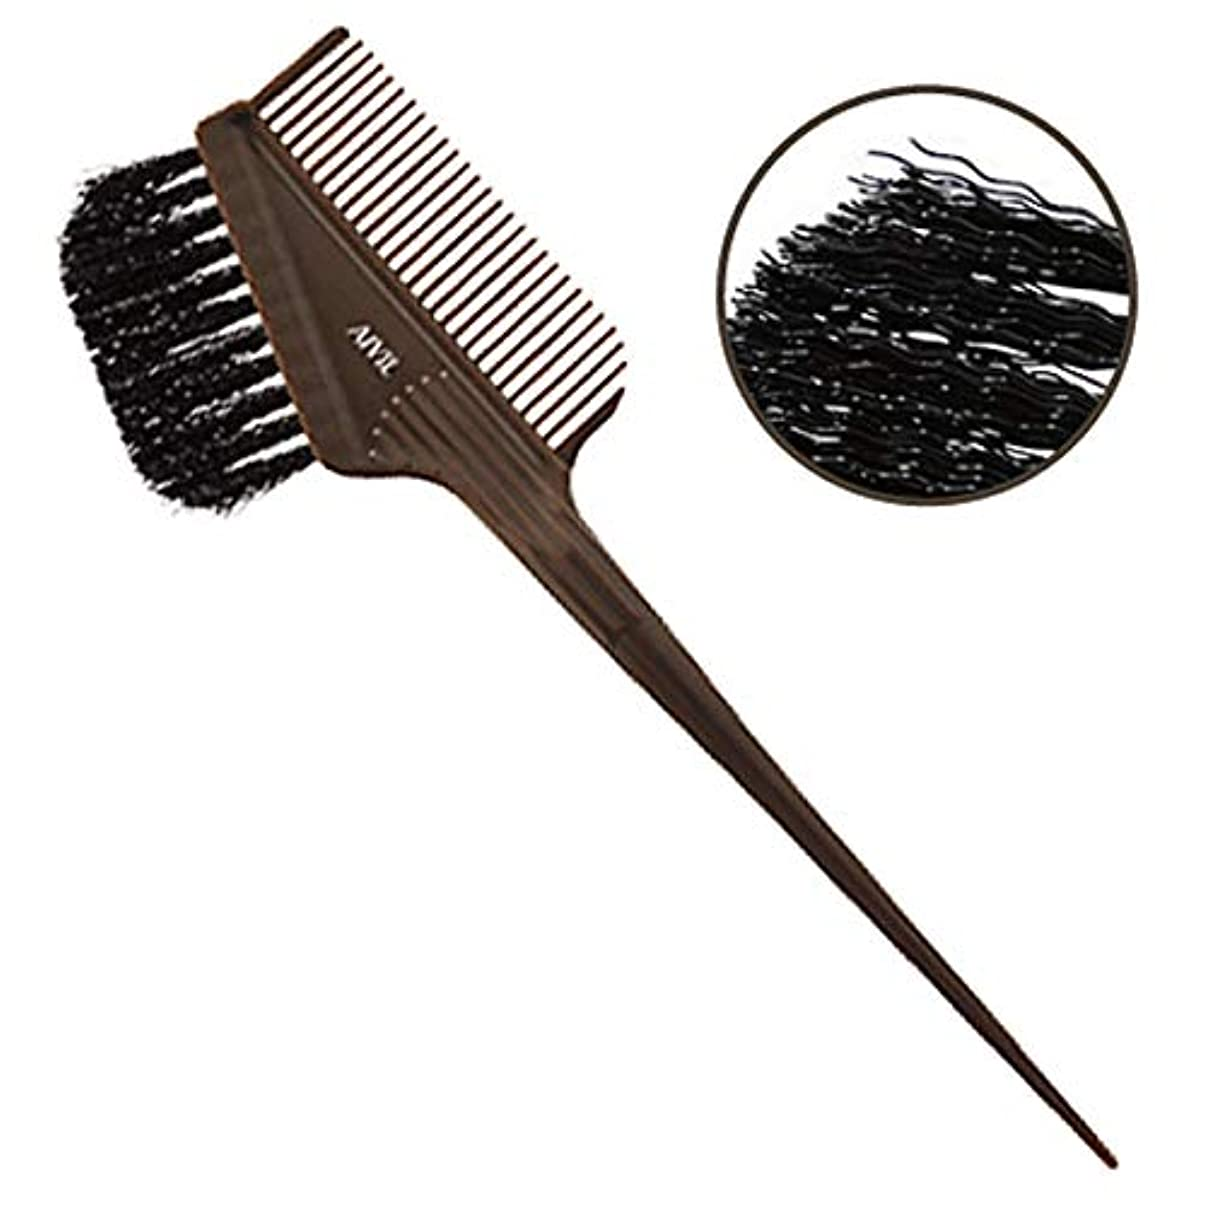 アクティブシンプルさ構成員アイビル ヘアダイブラシ バトン ブラウン ウェーブ毛 刷毛/カラー剤/毛染めブラシ AIVIL